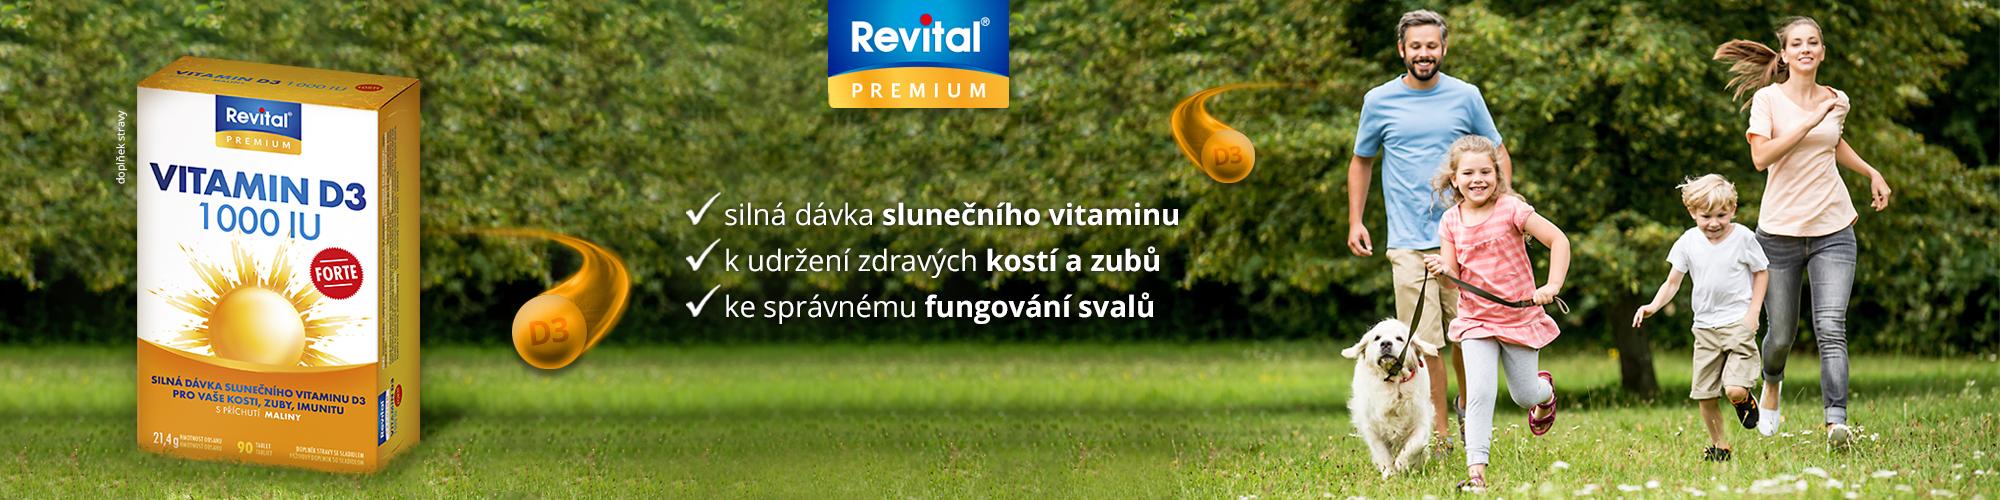 Revital Vitamin D3 forte